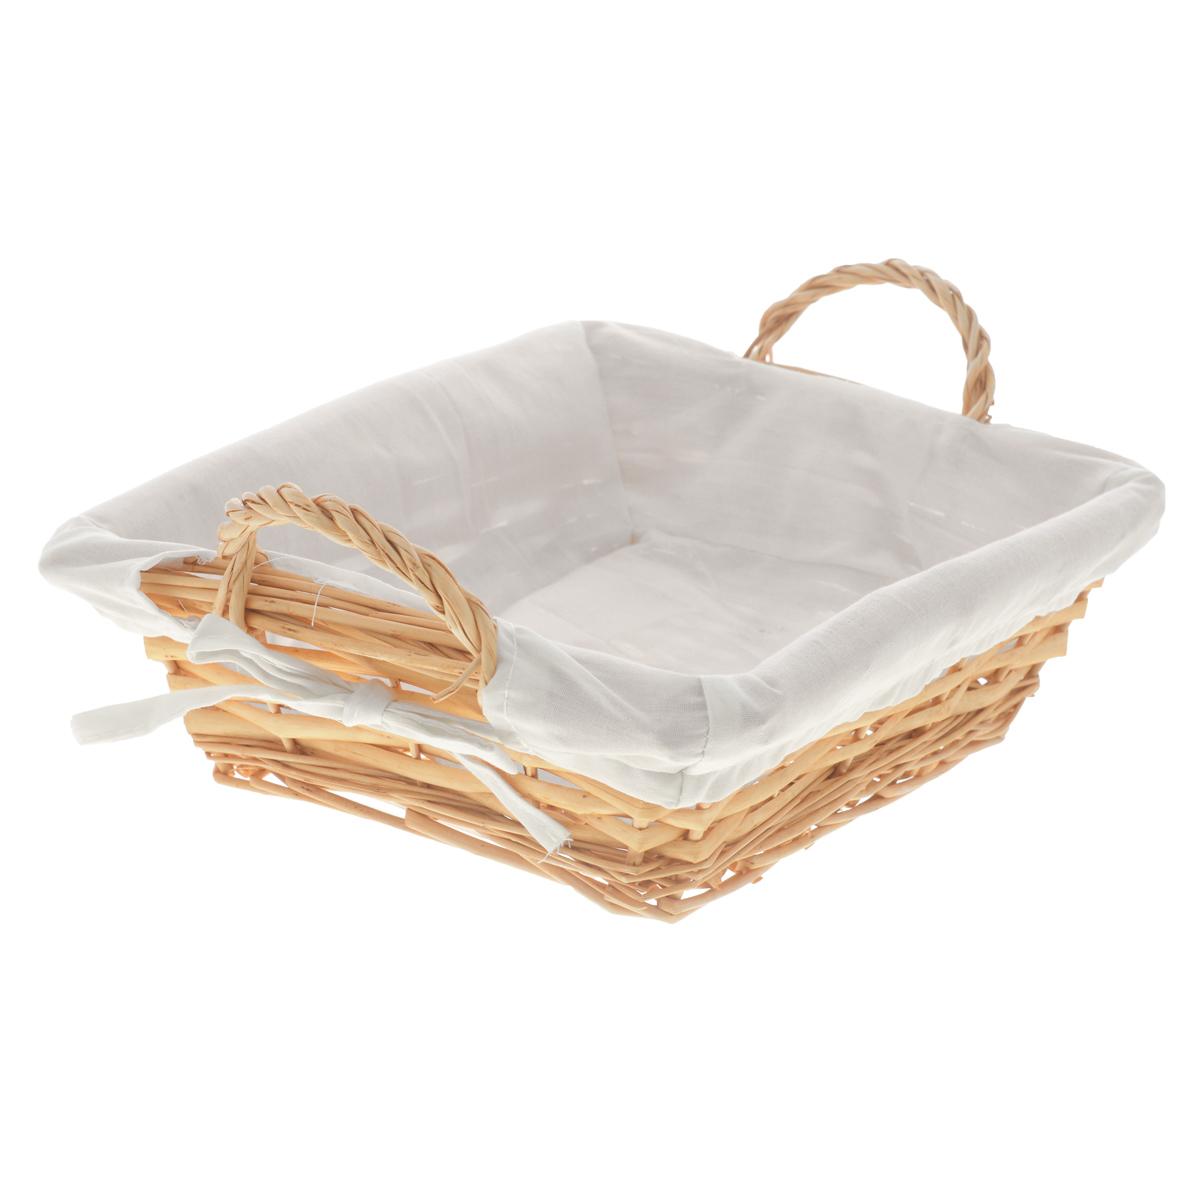 Корзина Kesper, 25 х 22 х 8 смTD 0033Прямоугольная корзина Kesper изготовлена из натурального плетеного волокна и декорирована текстилем. Она предназначена для хранения хлеба, а также мелочей дома или на даче. Позволяет хранить мелкие вещи, исключая возможность их потери. Изделие оснащено удобными ручками.Корзина очень вместительная. Элегантный выдержанный дизайн позволяет органично вписаться в ваш интерьер и стать его элементом.Материал: натуральное волокно, текстиль.Размер корзины по верхнему краю (без учета ручек): 25 см х 22 см.Размер корзины по верхнему краю (с учетом ручек): 29 см х 22 см.Высота корзины (без учета ручек): 8 см.